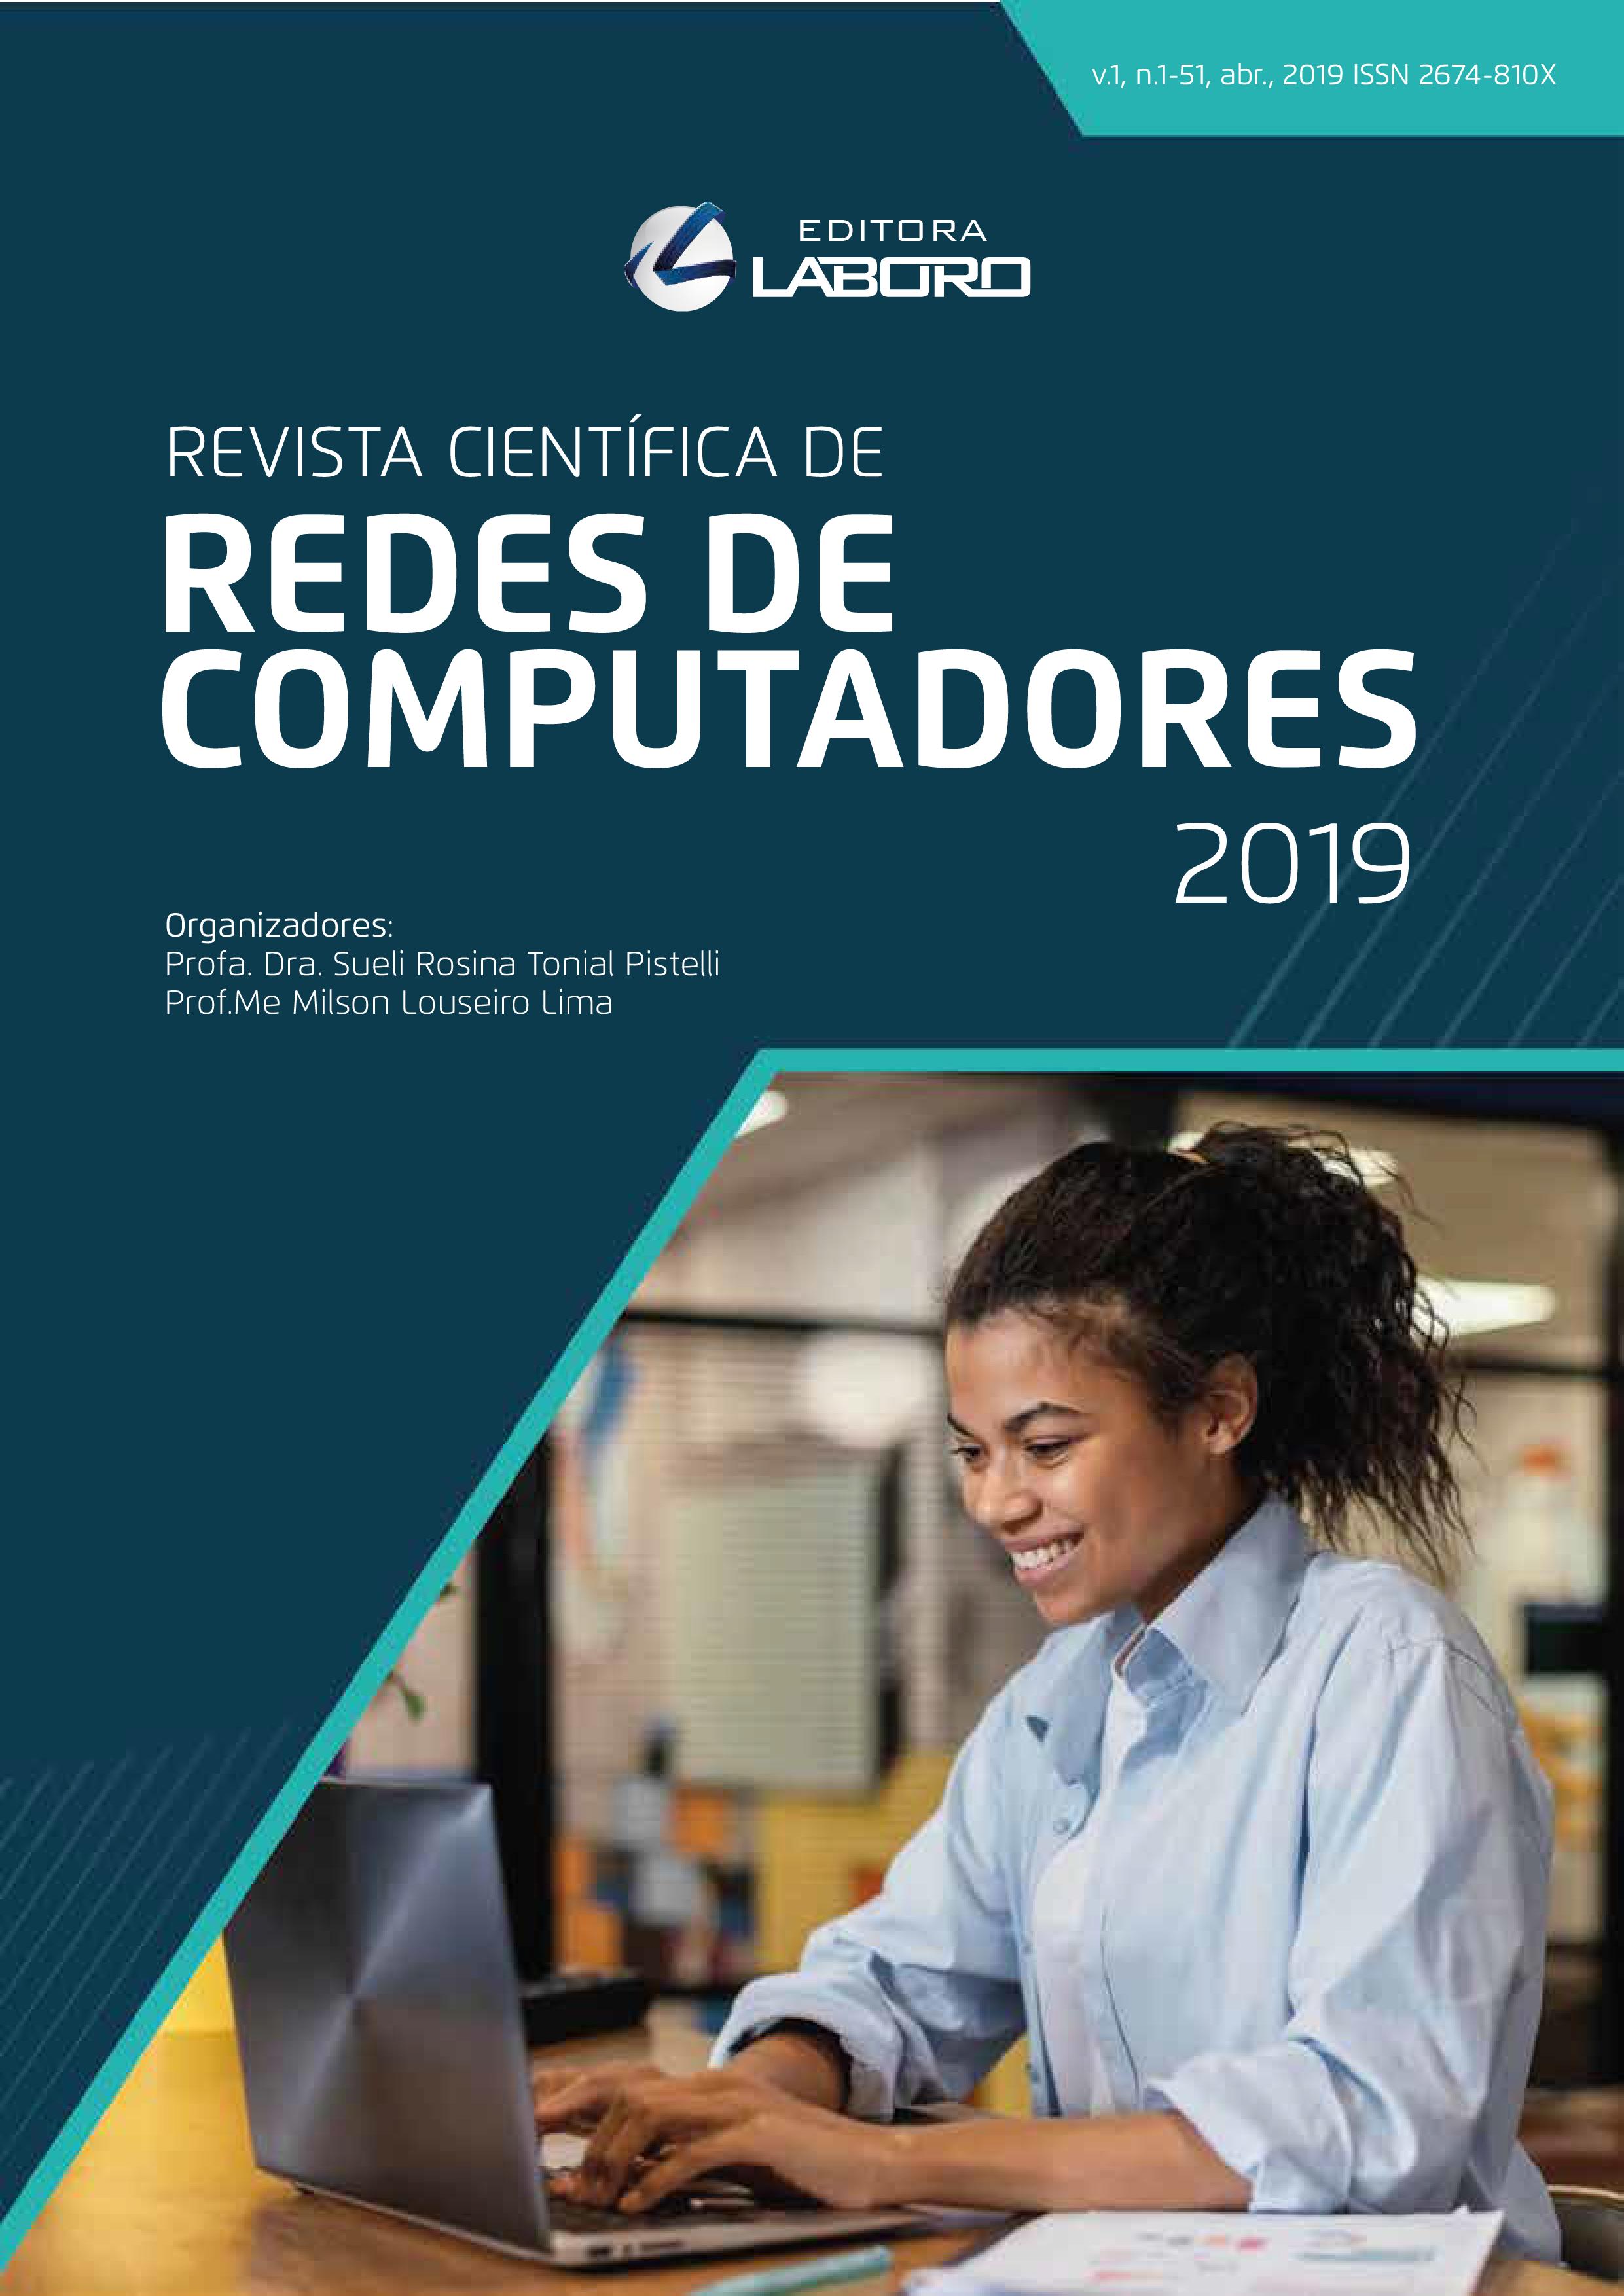 Revista Científica de Revista de redes de computadores